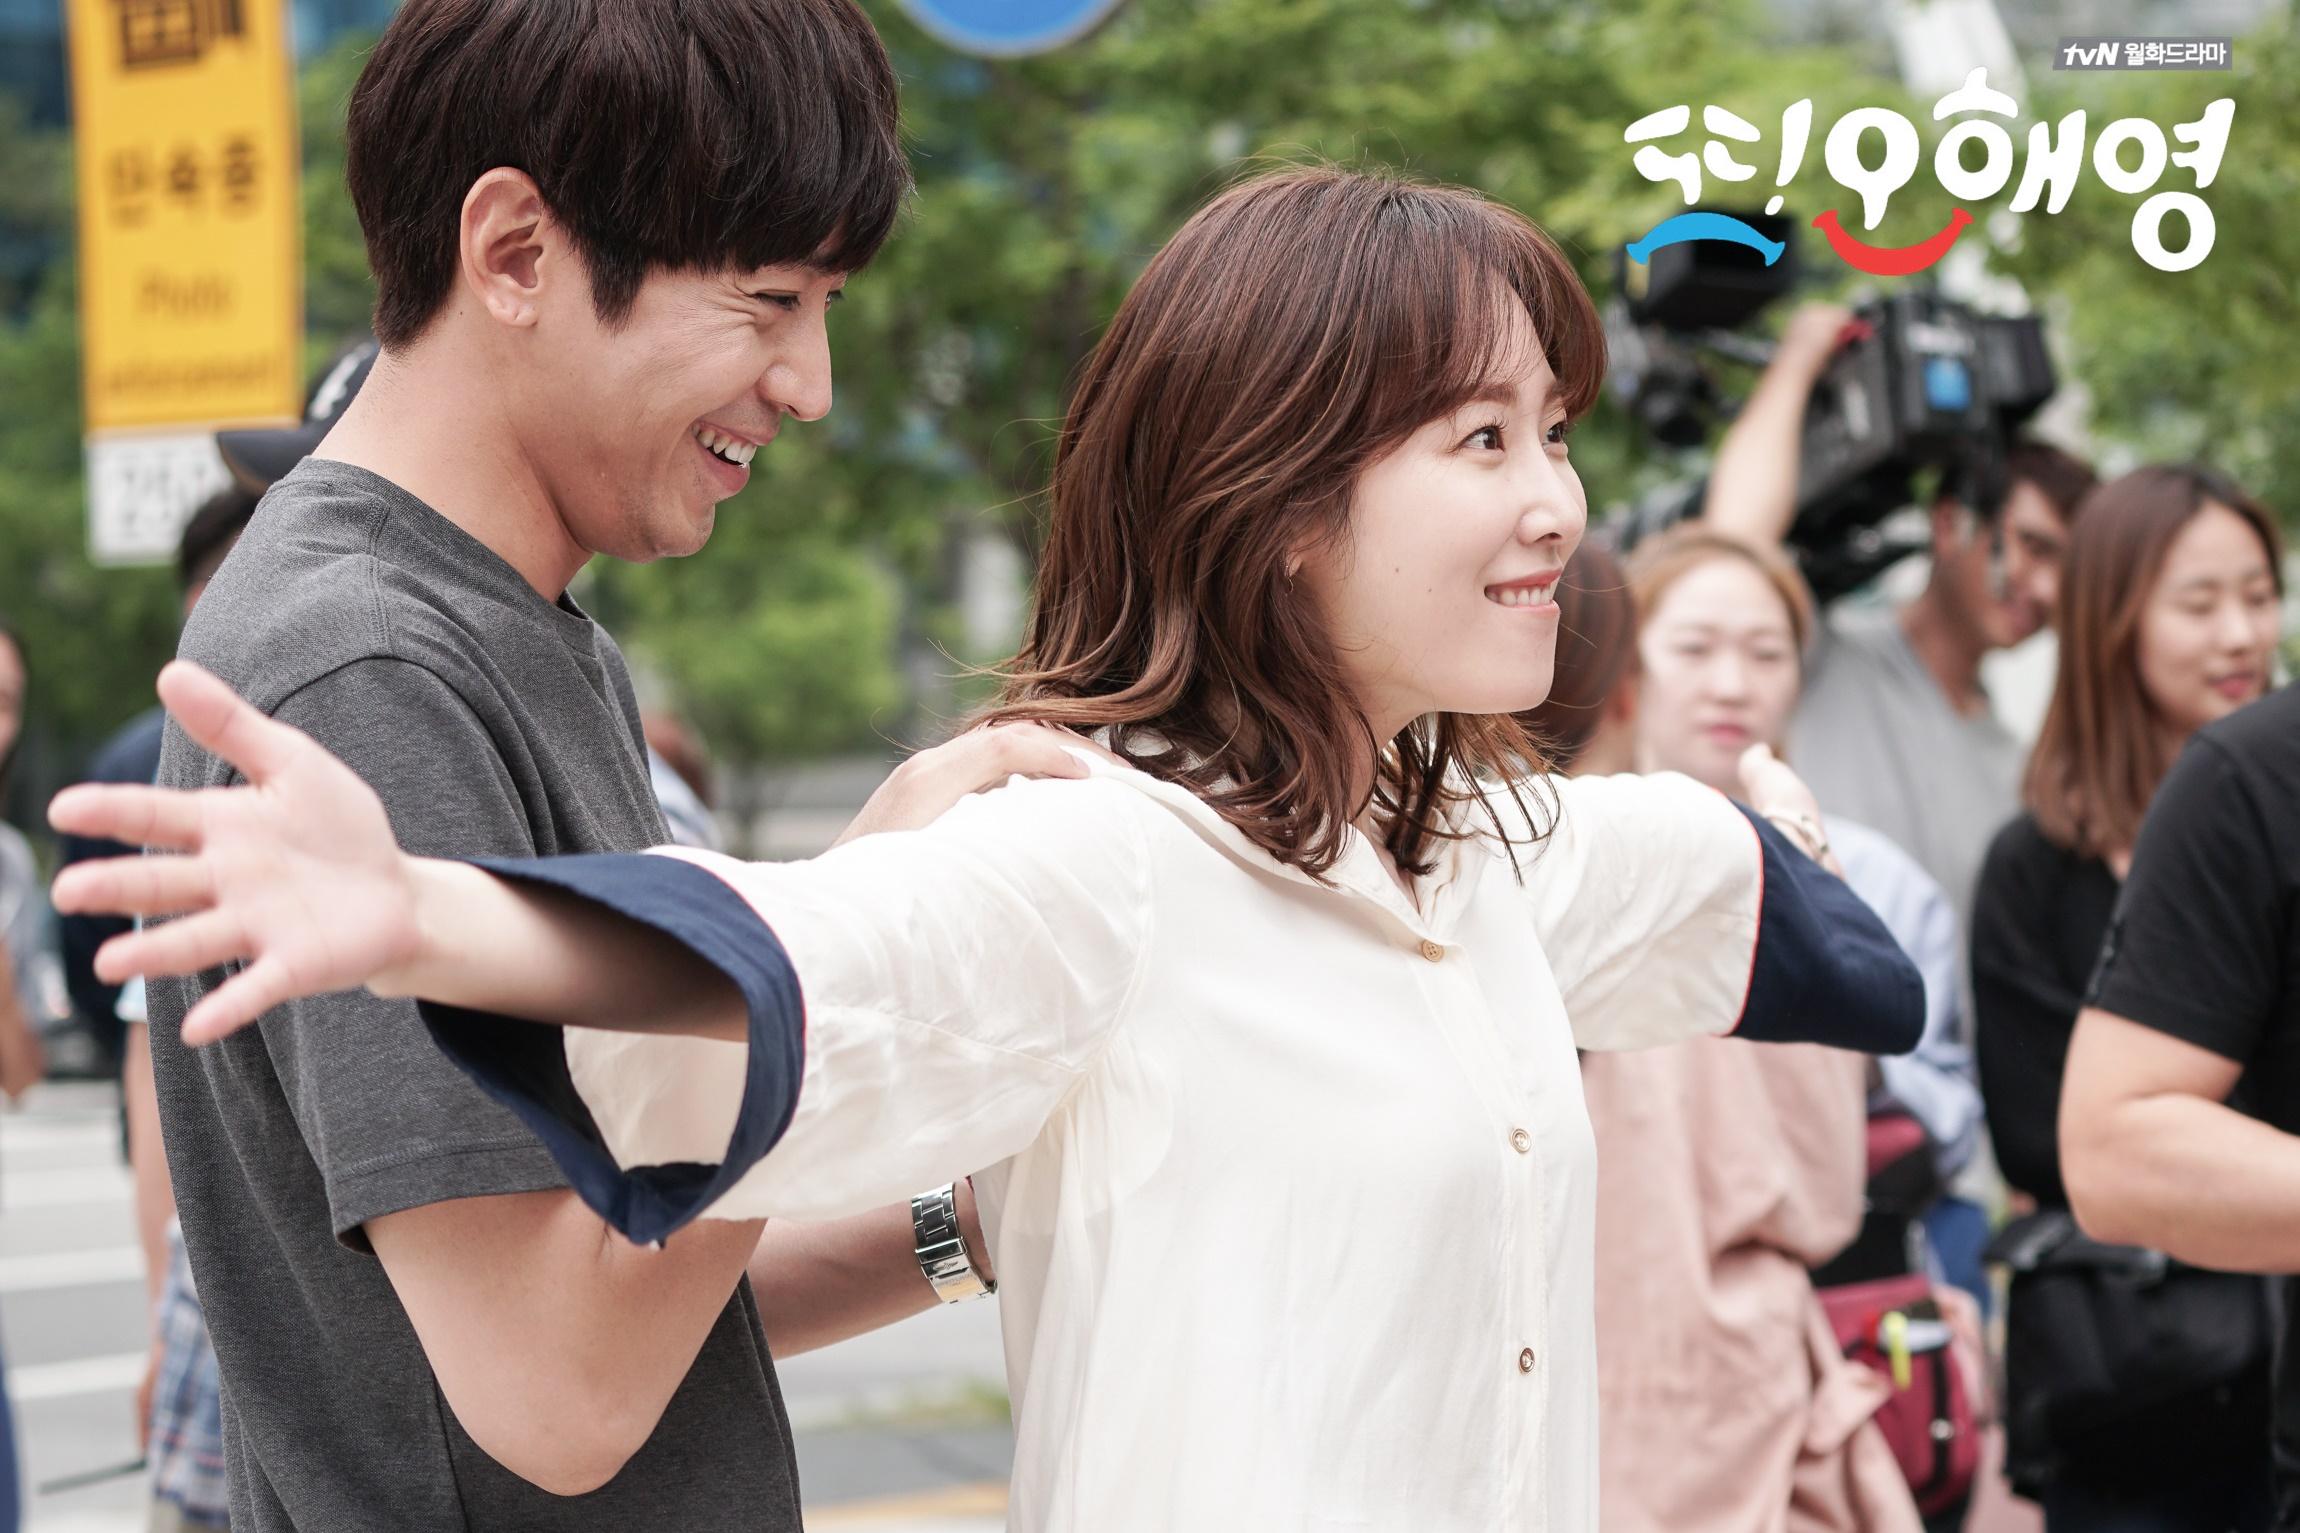 [韓劇] Another Oh Hae-young (또! 오해영) (2016) SU1CL6YIWN4VPCSG97T2